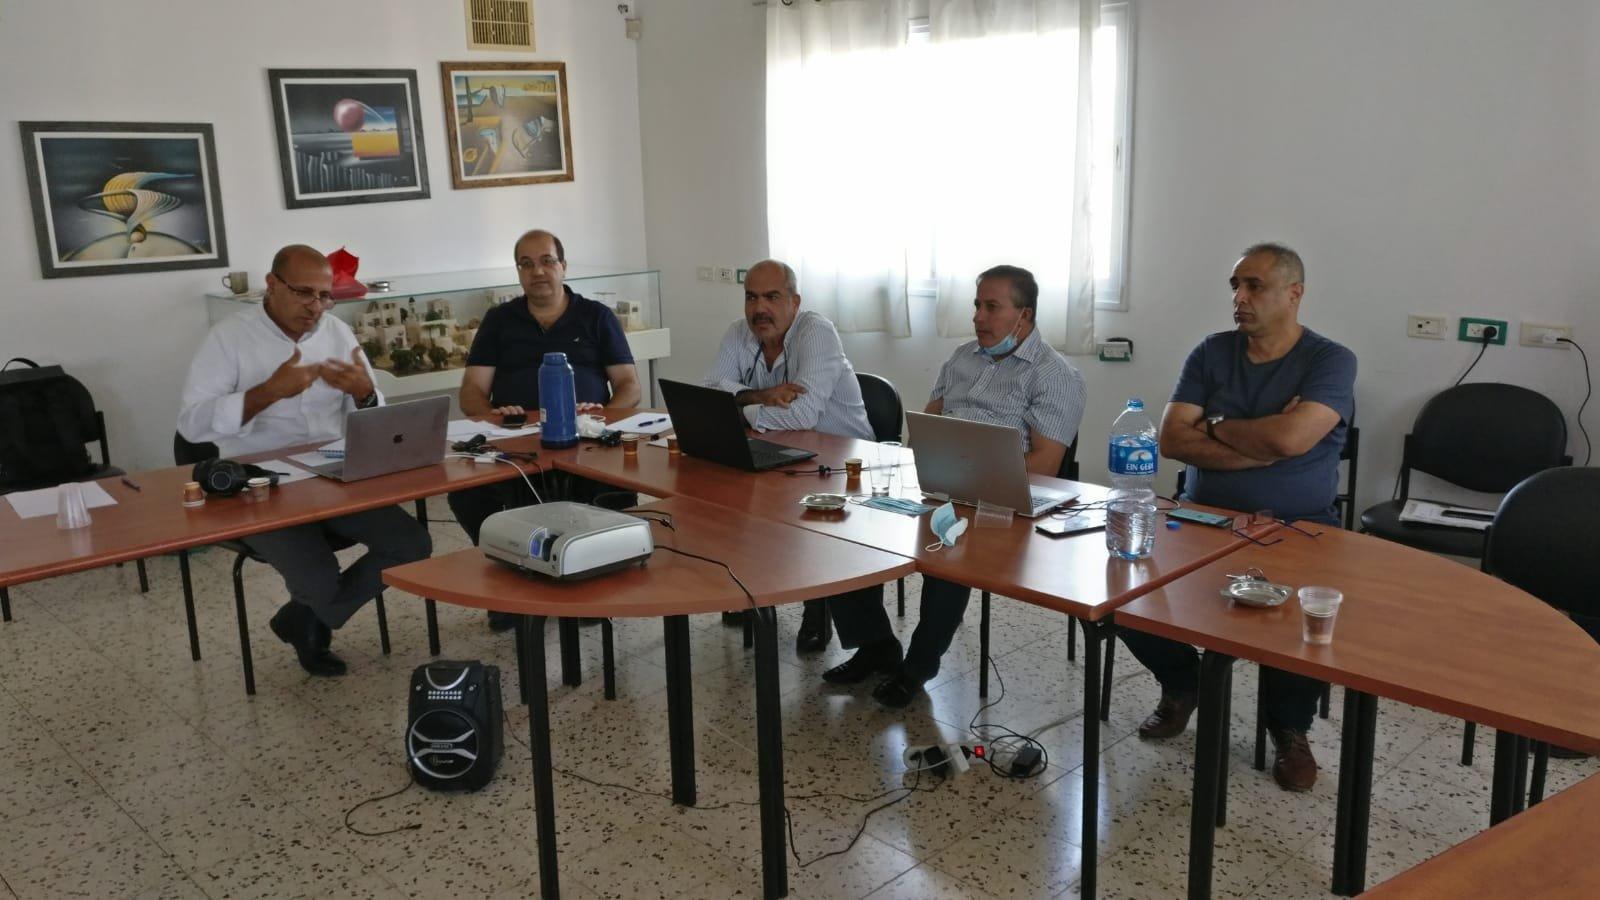 خطة خمسية لتطوير الهايتك والحداثة في المجتمع العربي-3